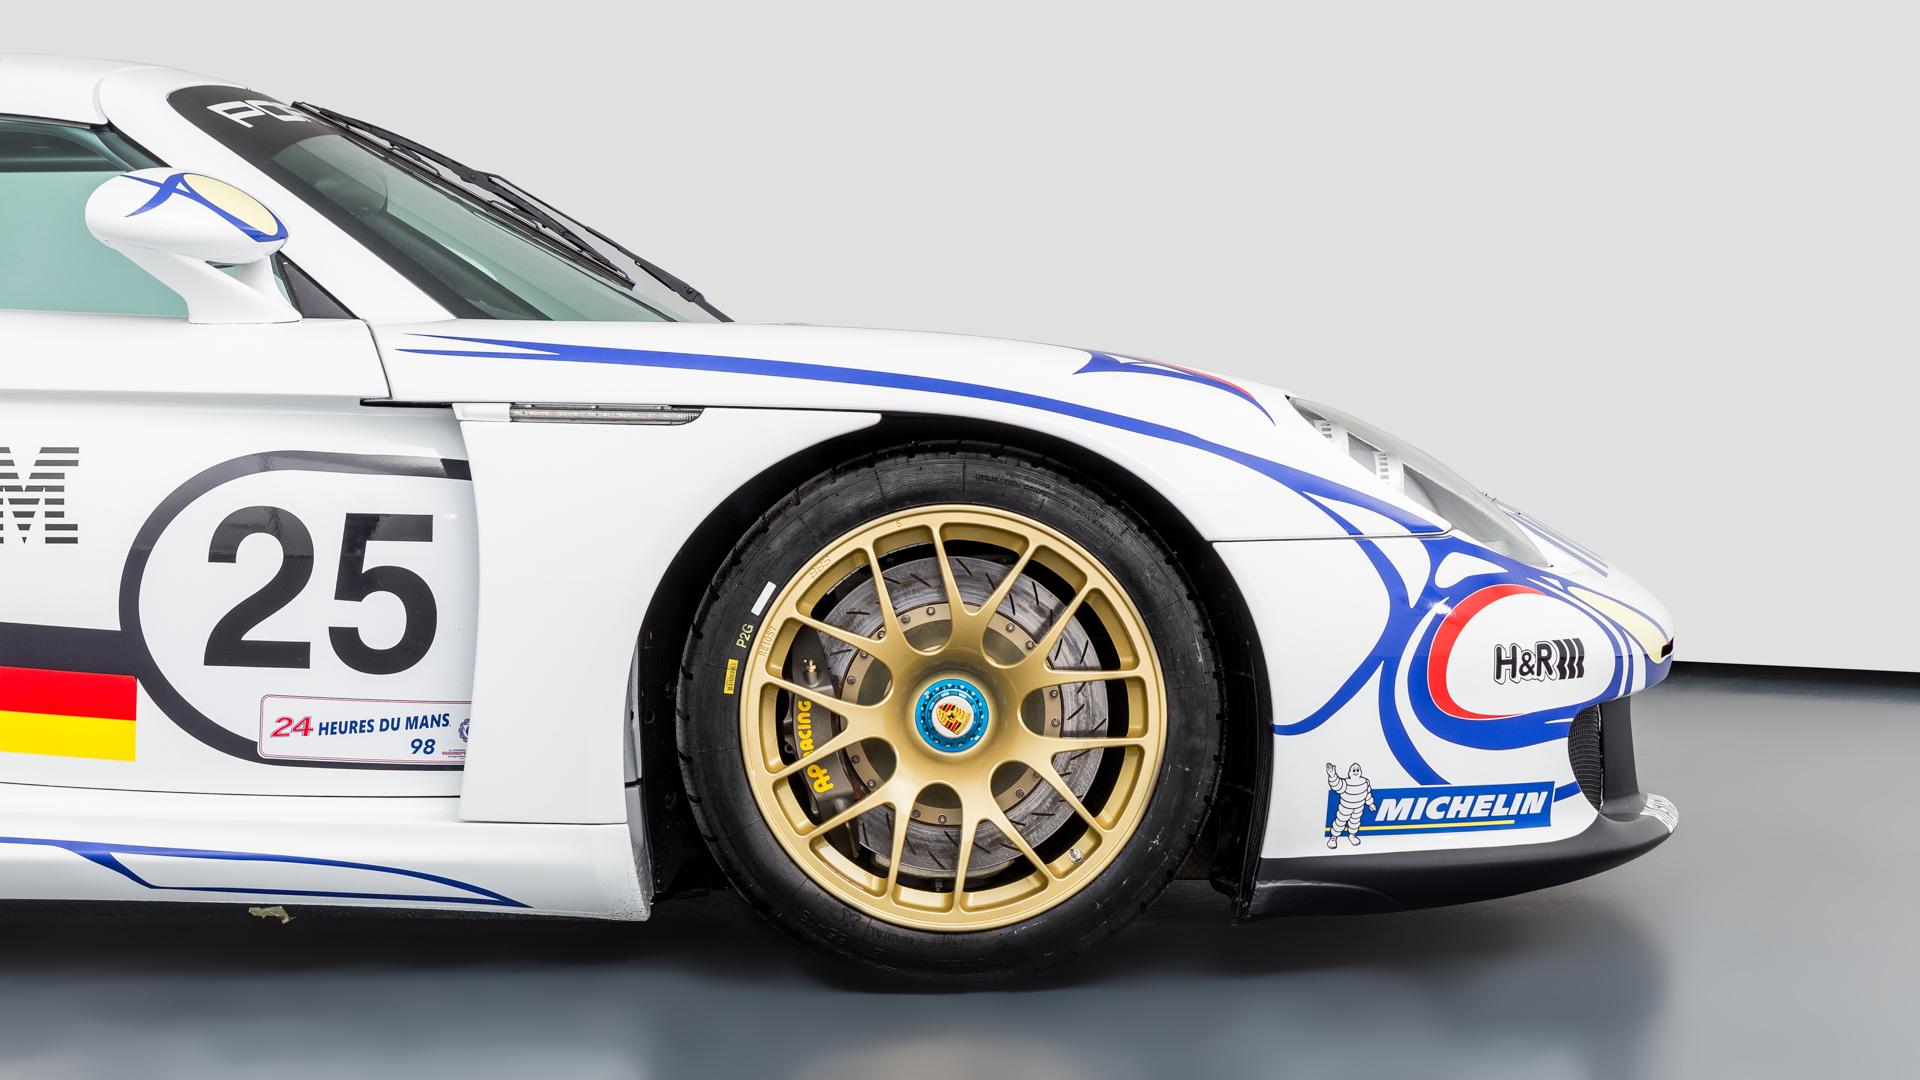 Carrera GT Racecar front quarter panel